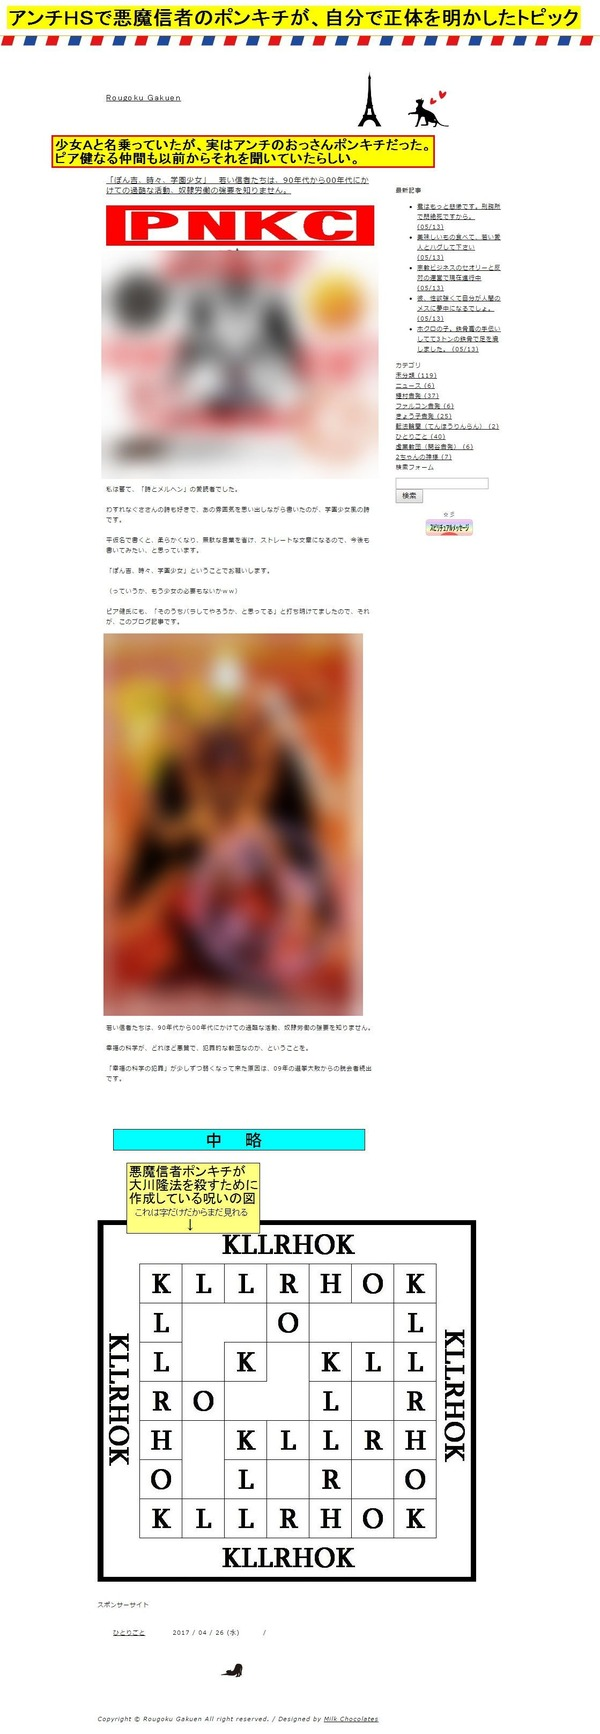 「ぽん吉、時々、学園少女」   Rougoku Gakuen ボカシ